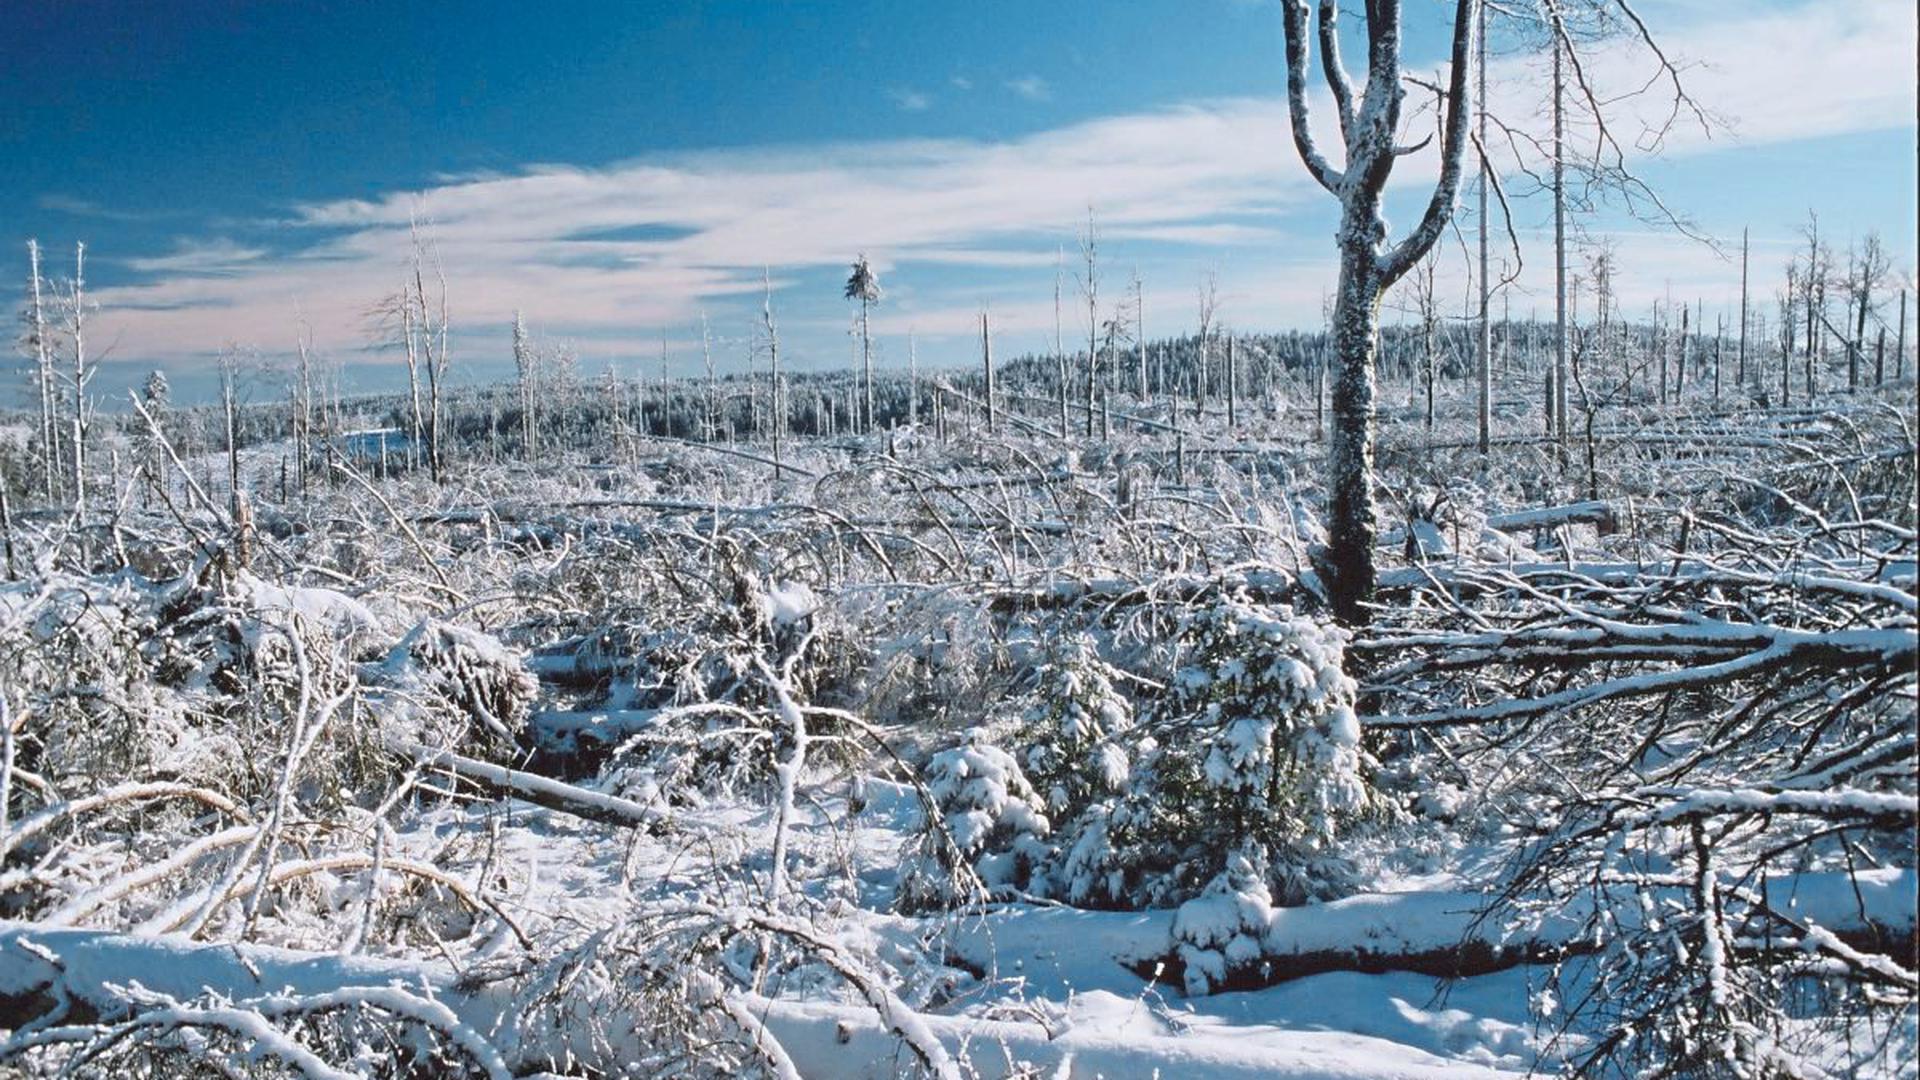 Noch zwei Jahre nach dem Orkan bot sich ein Bild der Zerstörung – hier in winterlichem Weiß.